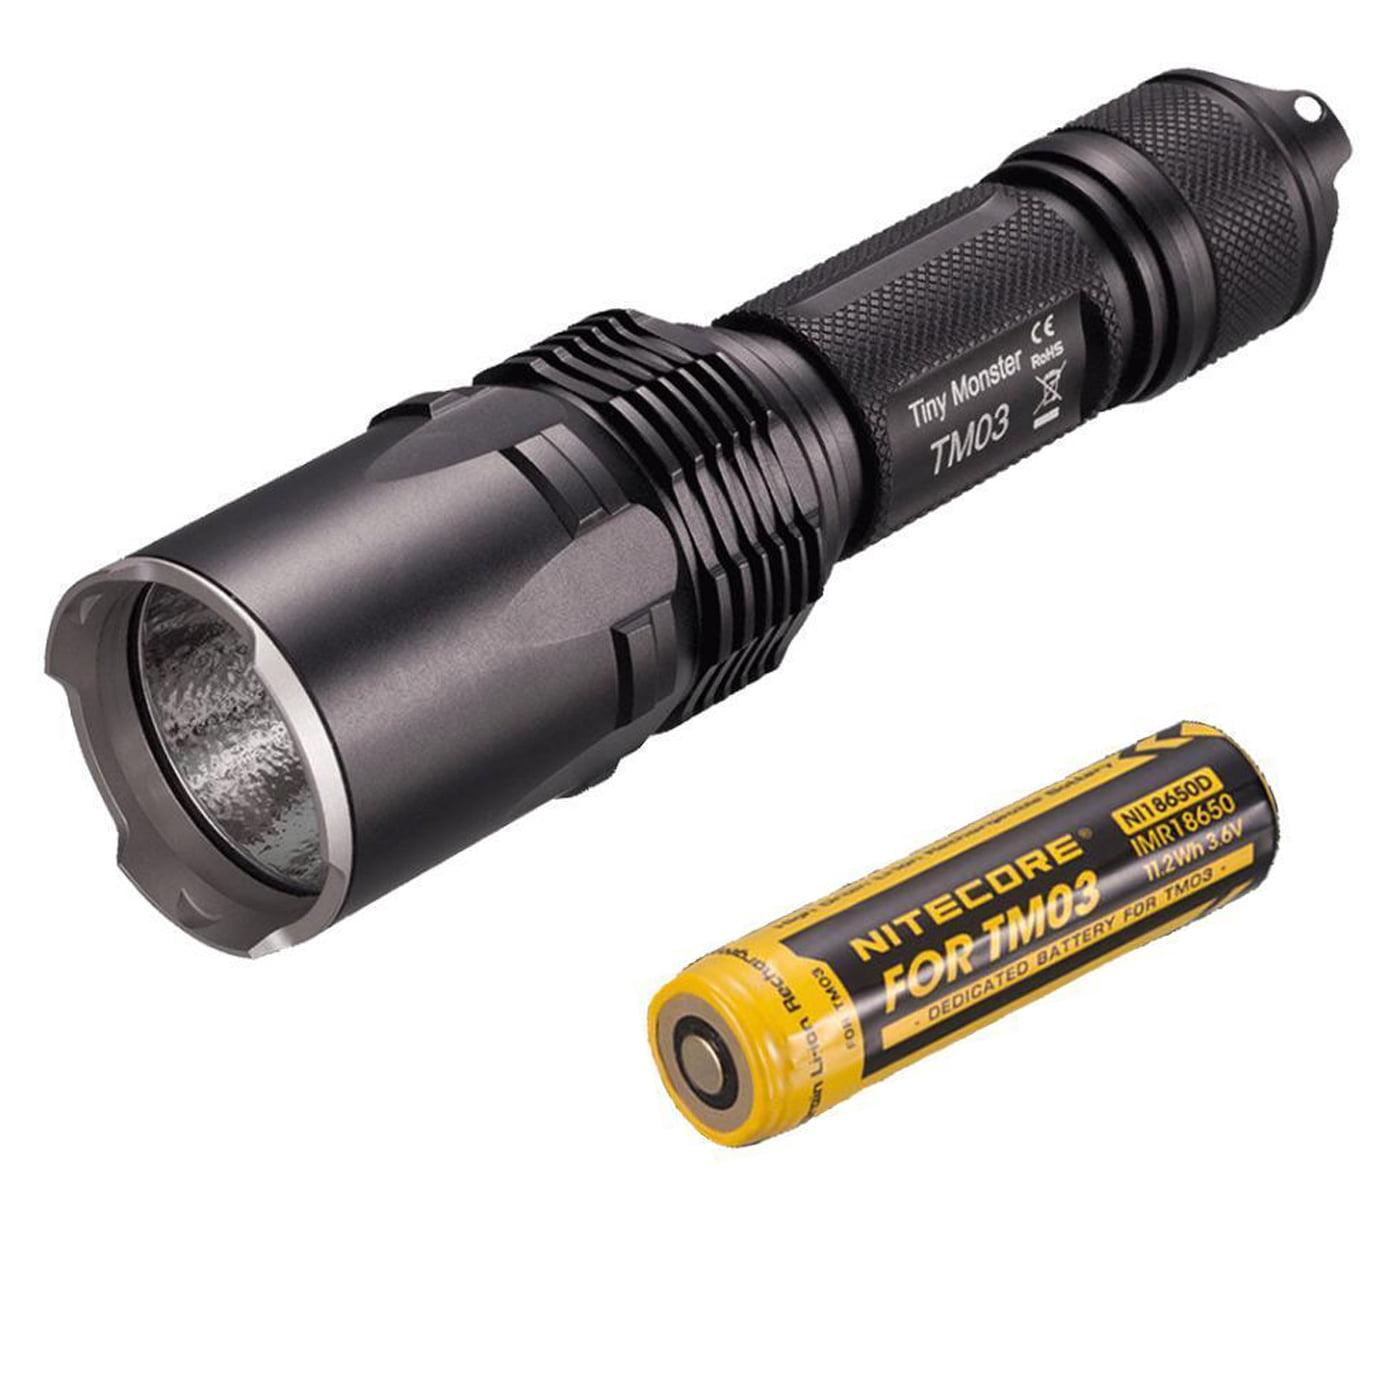 Nitecore TM03 Tiny Monster Flashlight CREE XHP70 LED 2800 Lumens, Black